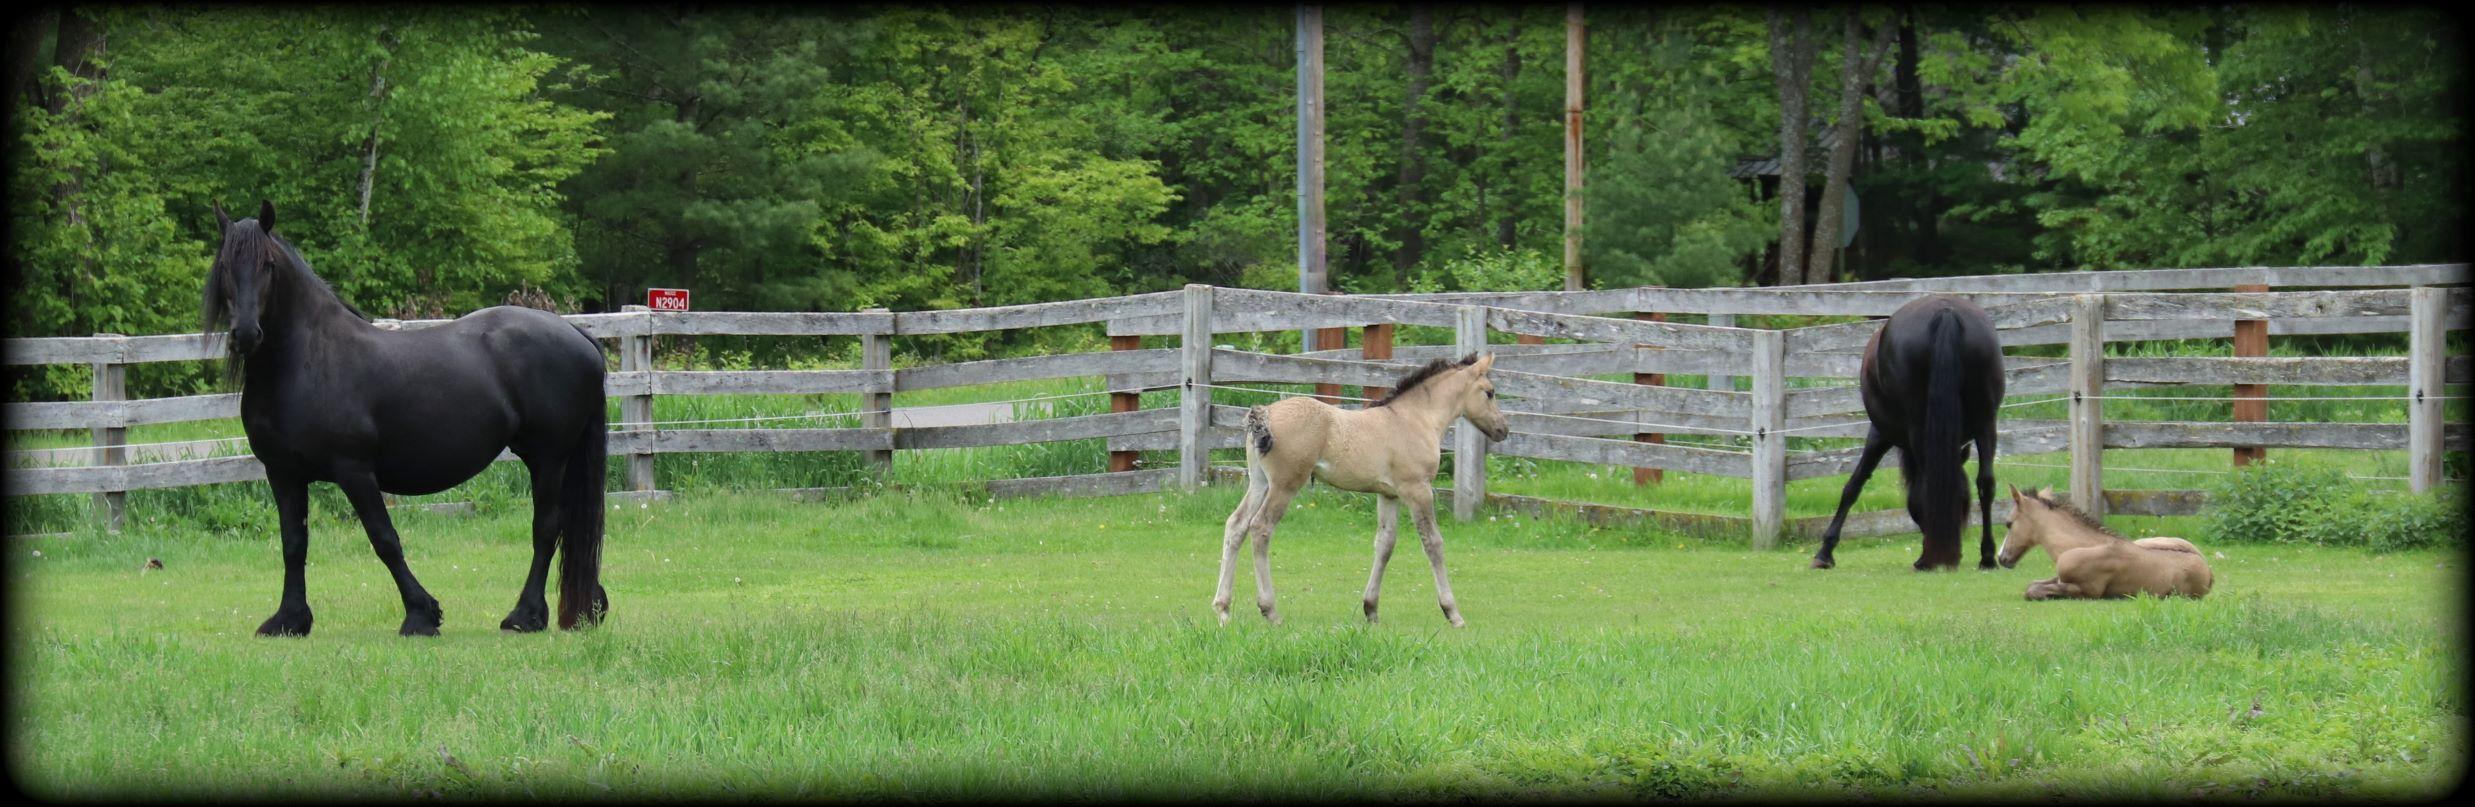 Foals 2021 01